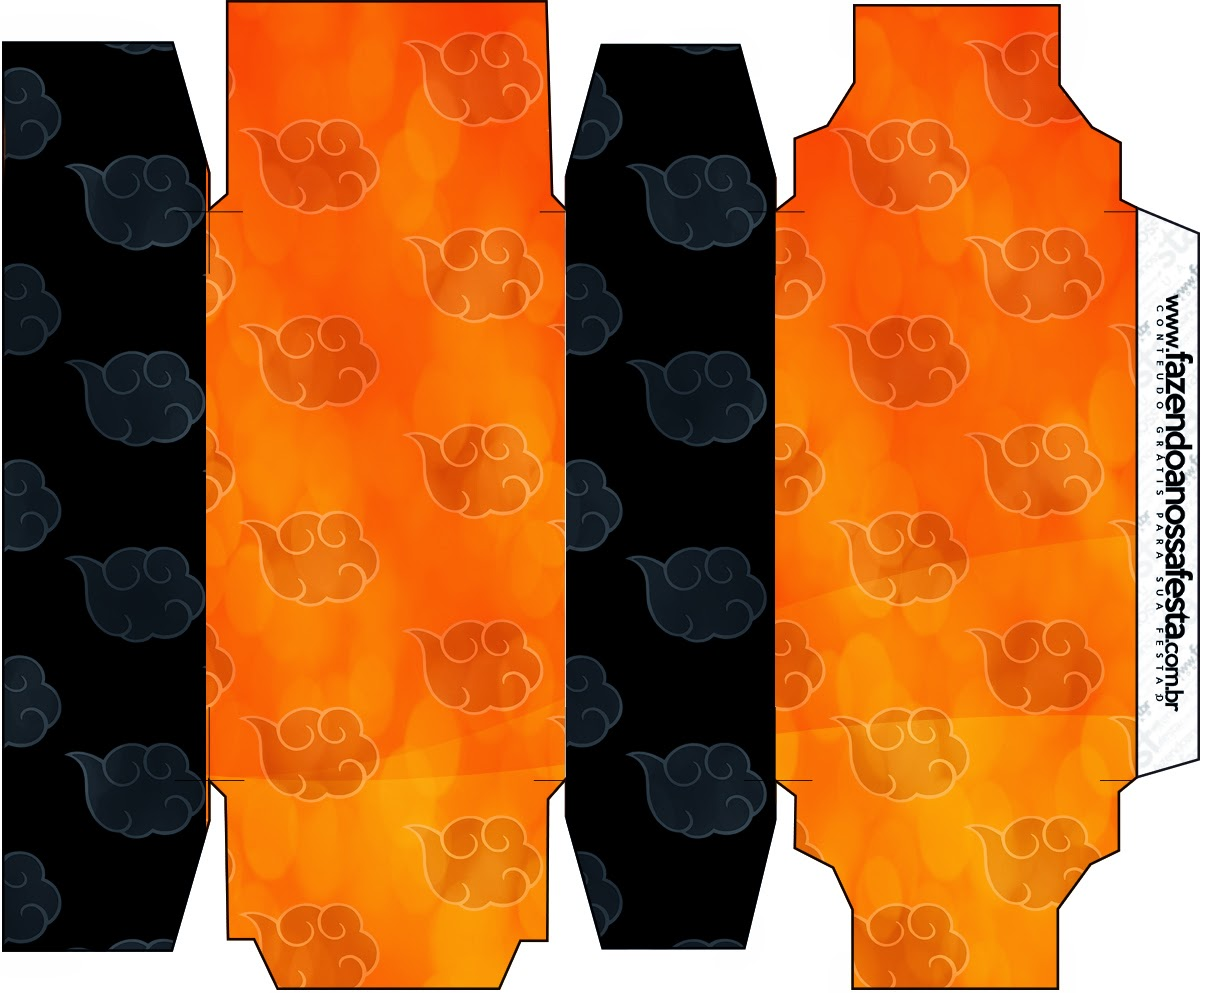 Cajas para imprimir gratis de Naranja y Negro con Nubes.